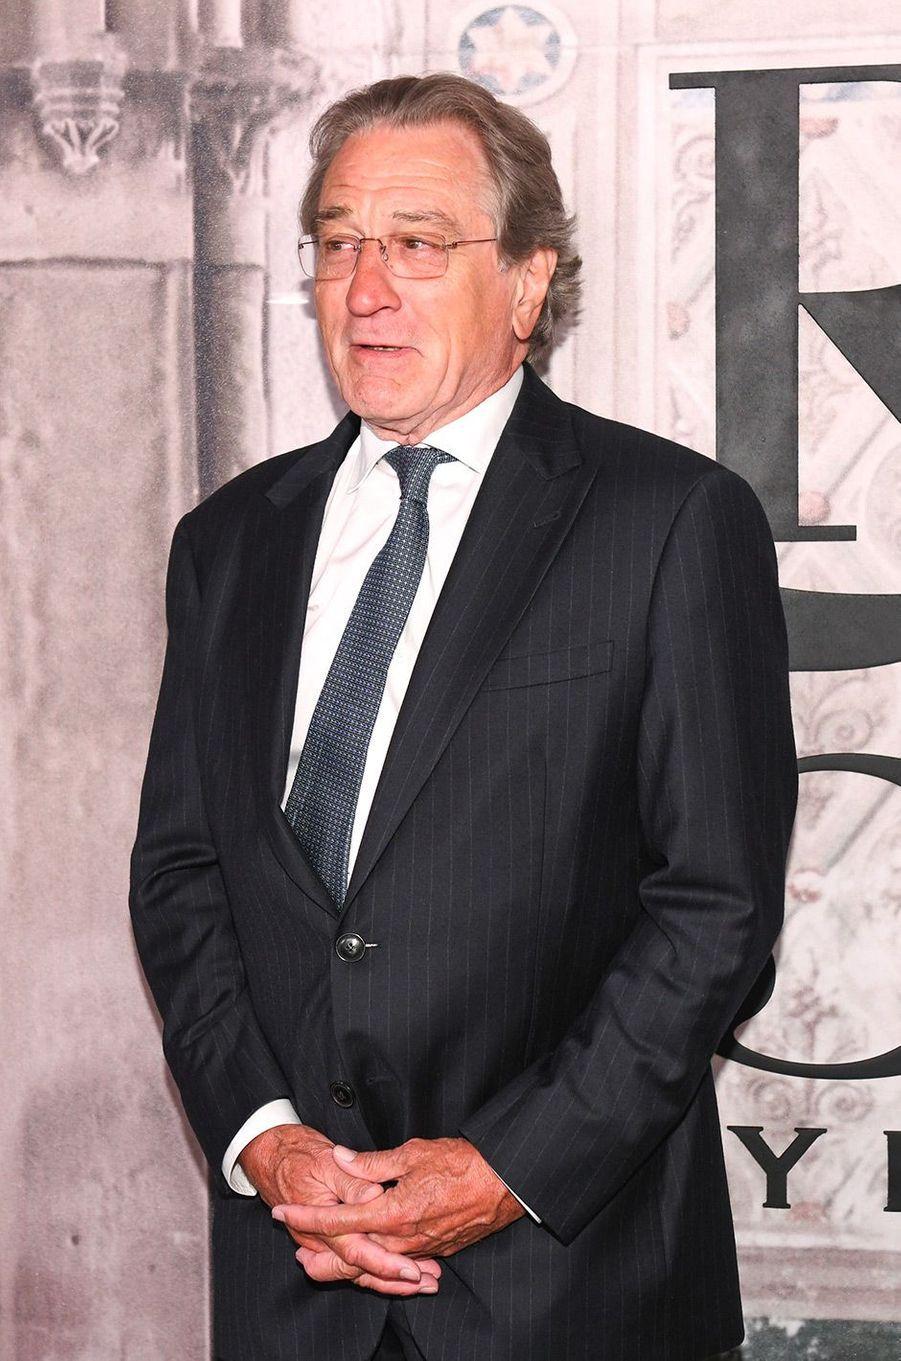 Robert de Niro à la soirée des 50 ans de Ralph Lauren à New York, vendredi 7 septembre